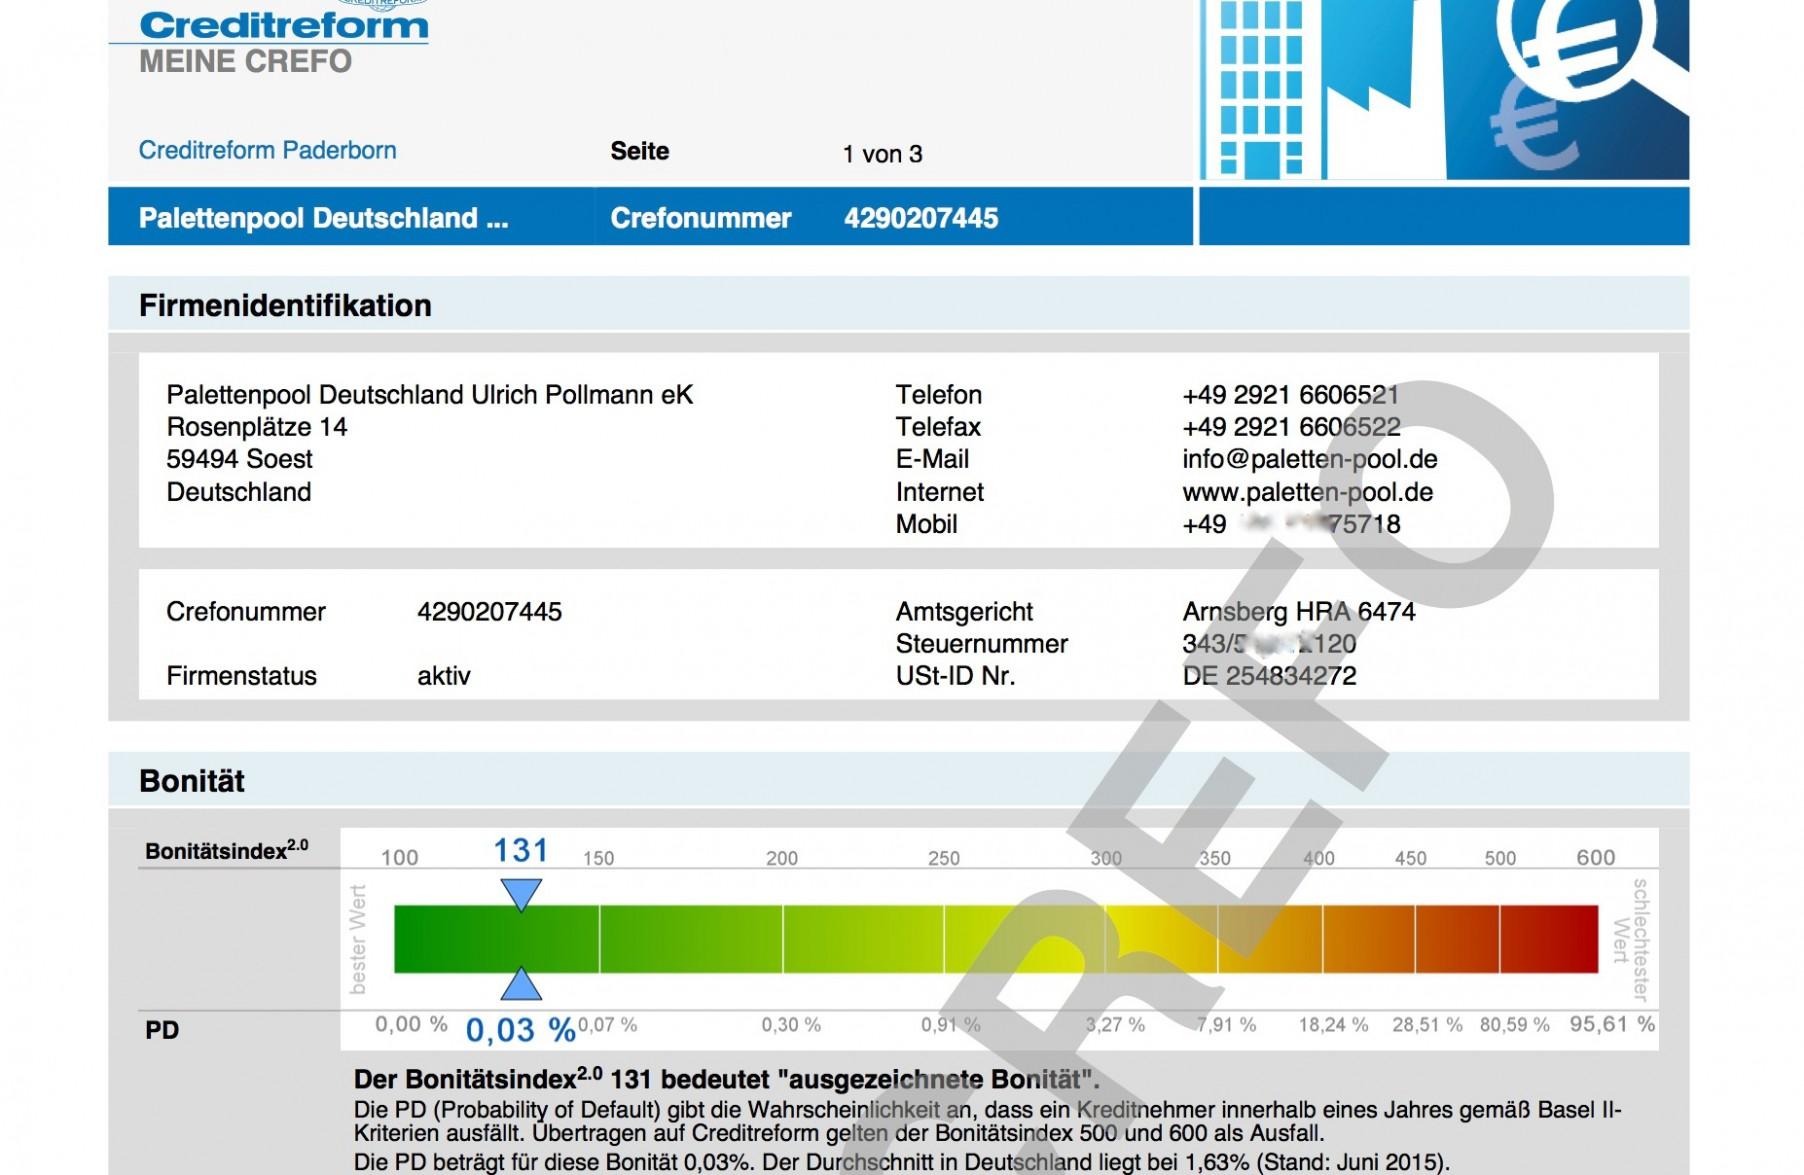 neues rating - ausgezeichnete bonität - palettenpool deutschland